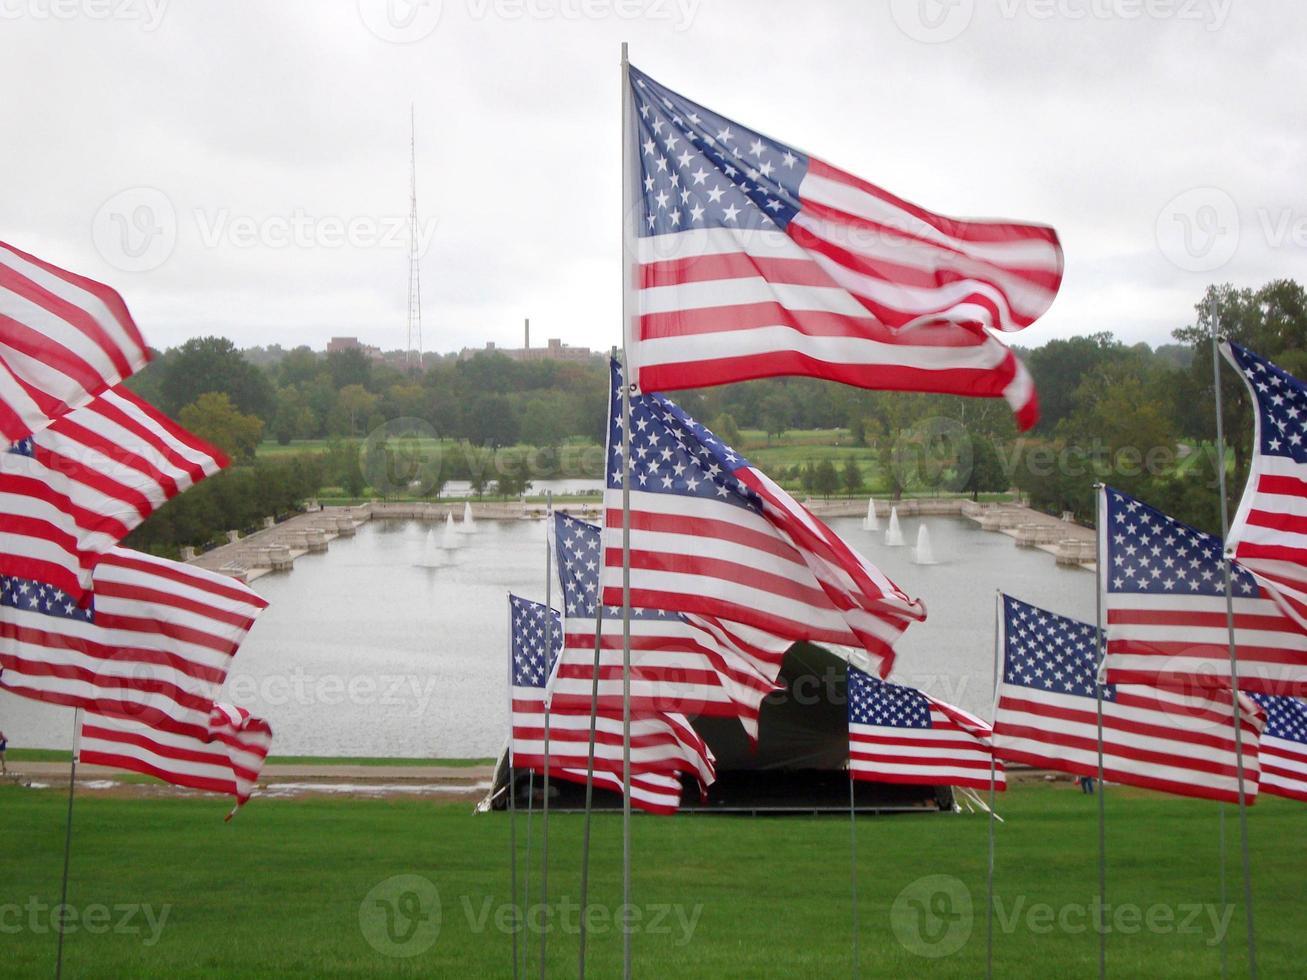 drapeaux américains à st. Louis, Missouri se souvenant du 11 septembre photo